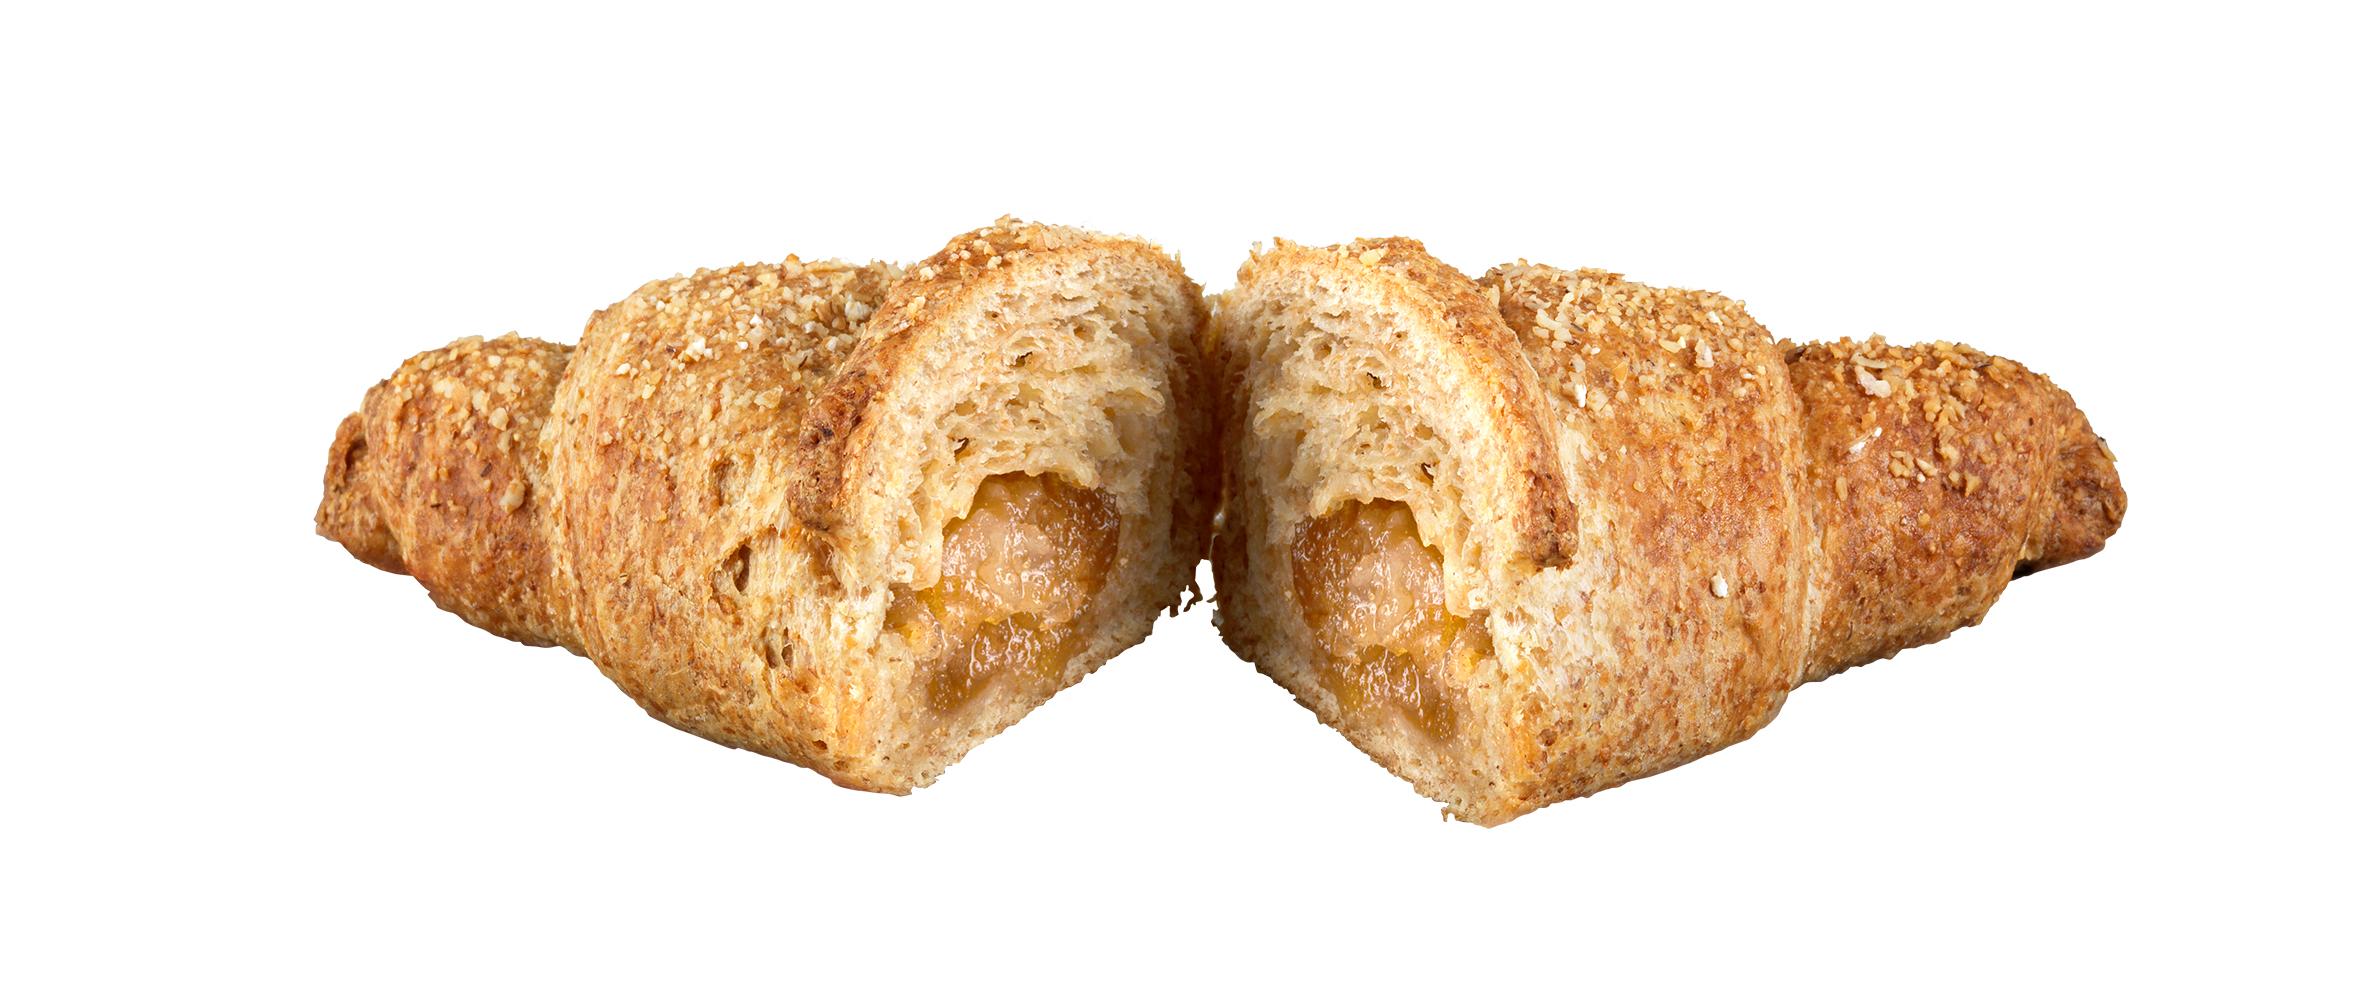 Cornetto integrale alla mela e cannella – Bassa Risoluzione – PNG a 72 DPI